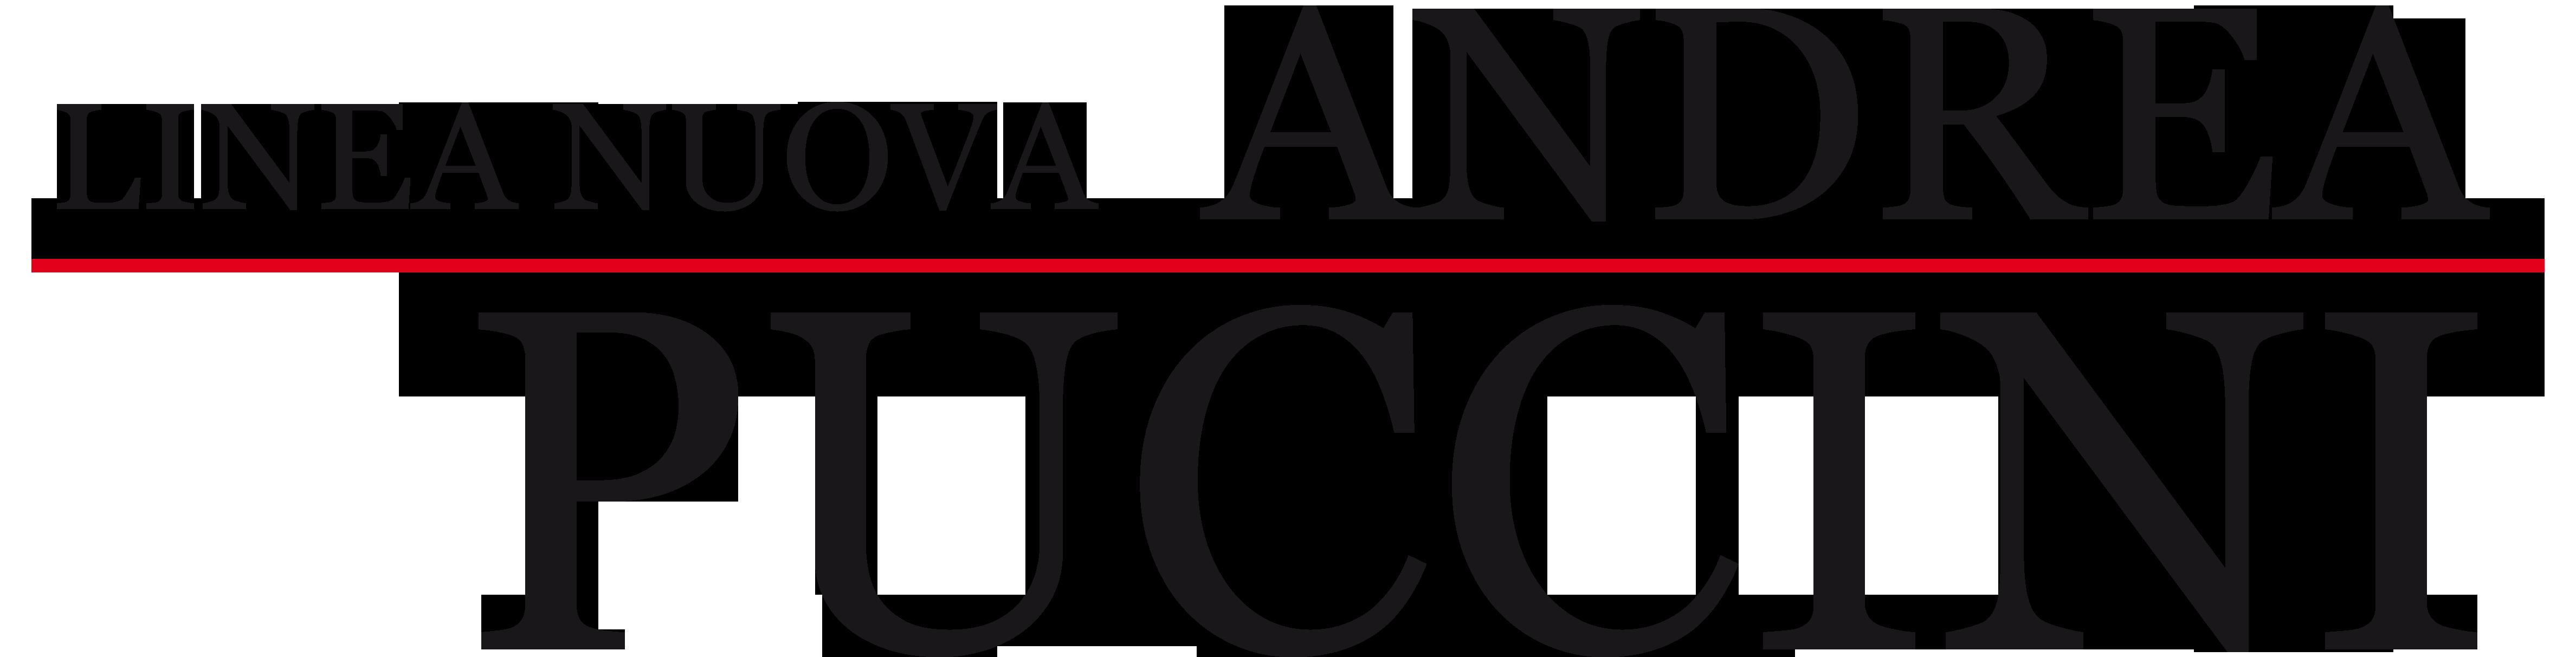 Andrea Puccini